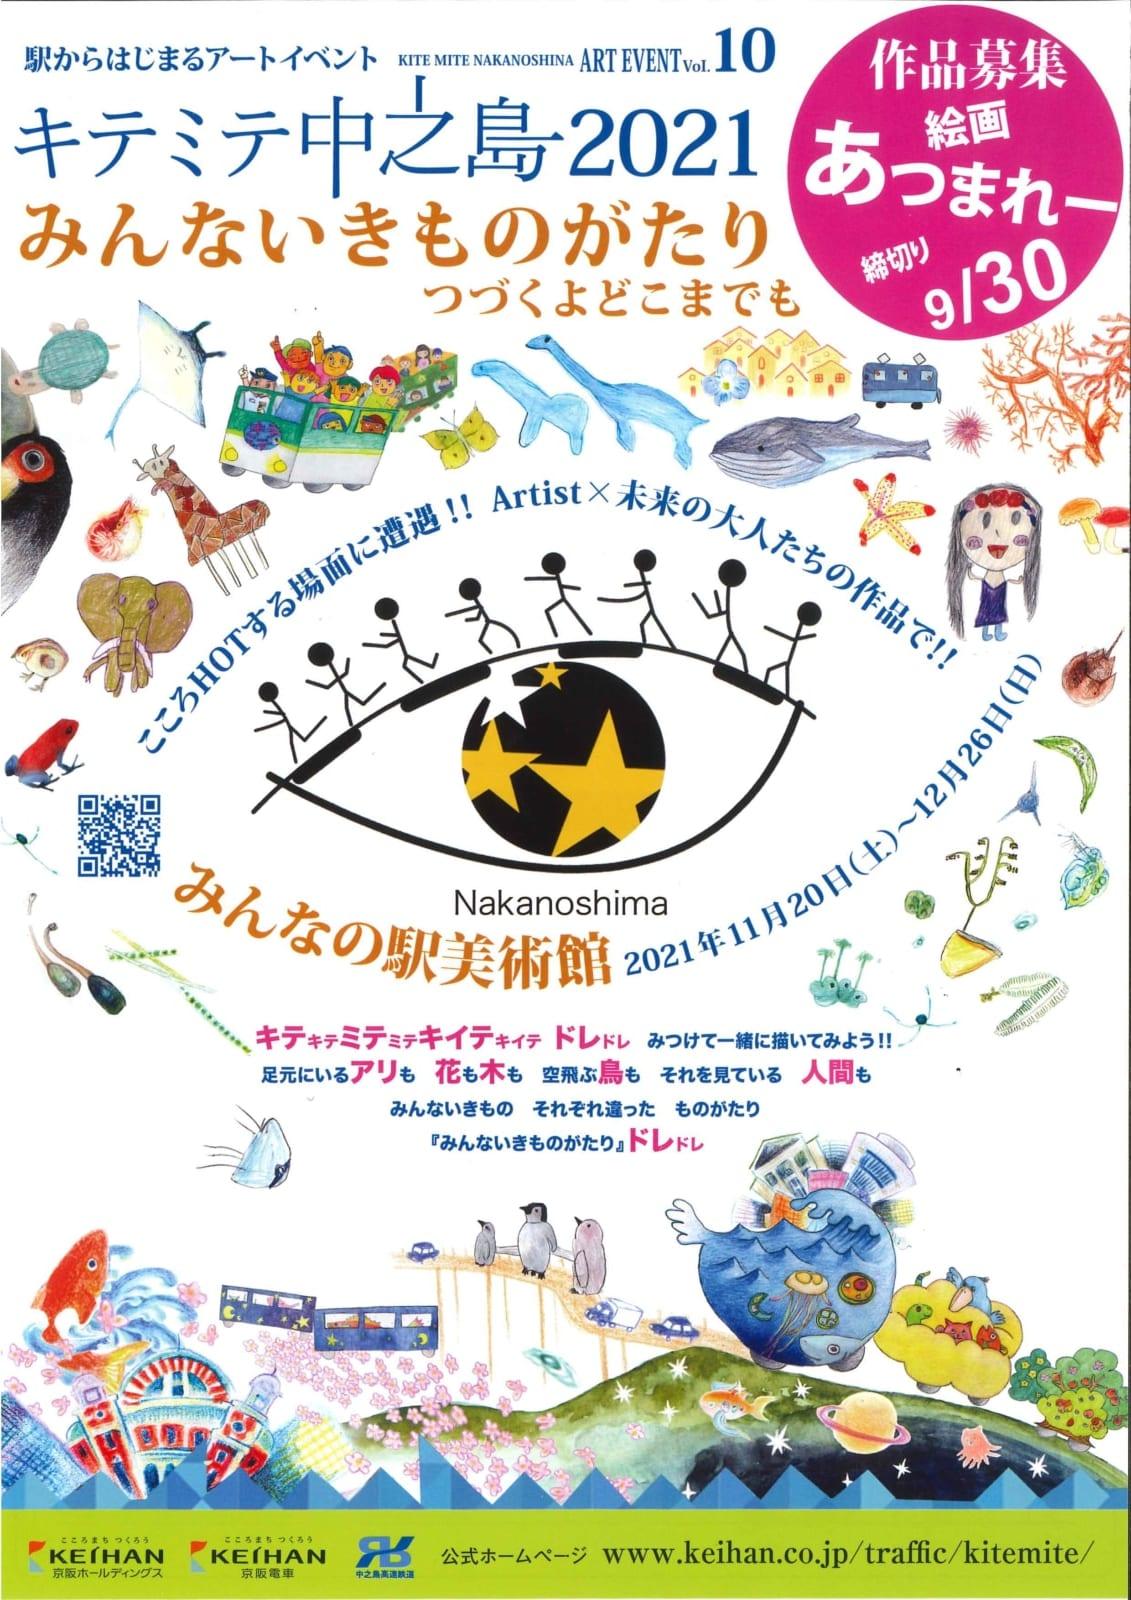 駅からはじまるアートイベント「キテミテ中之島2021」